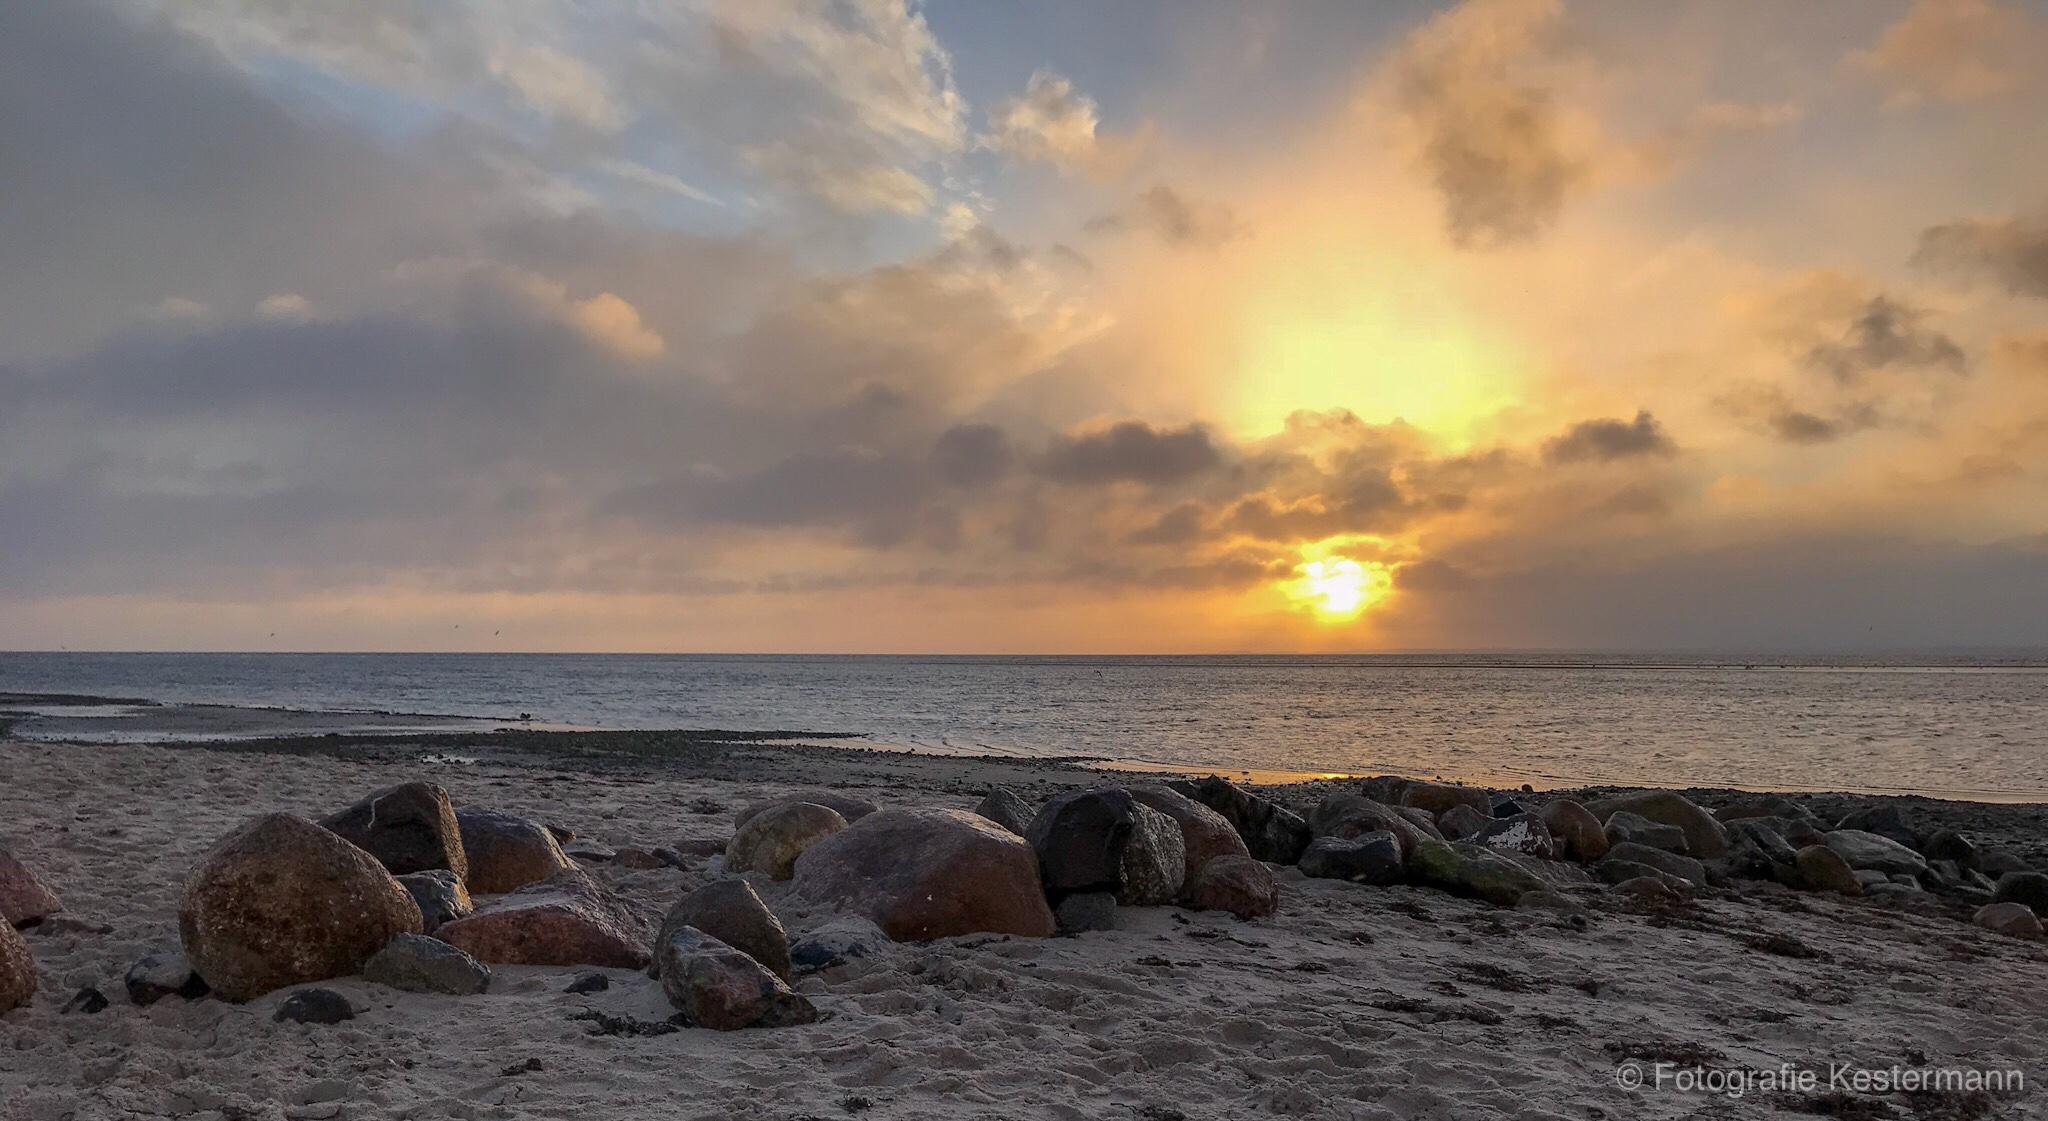 Ostsee Pelzerhaken Strand Sand Morgenrot